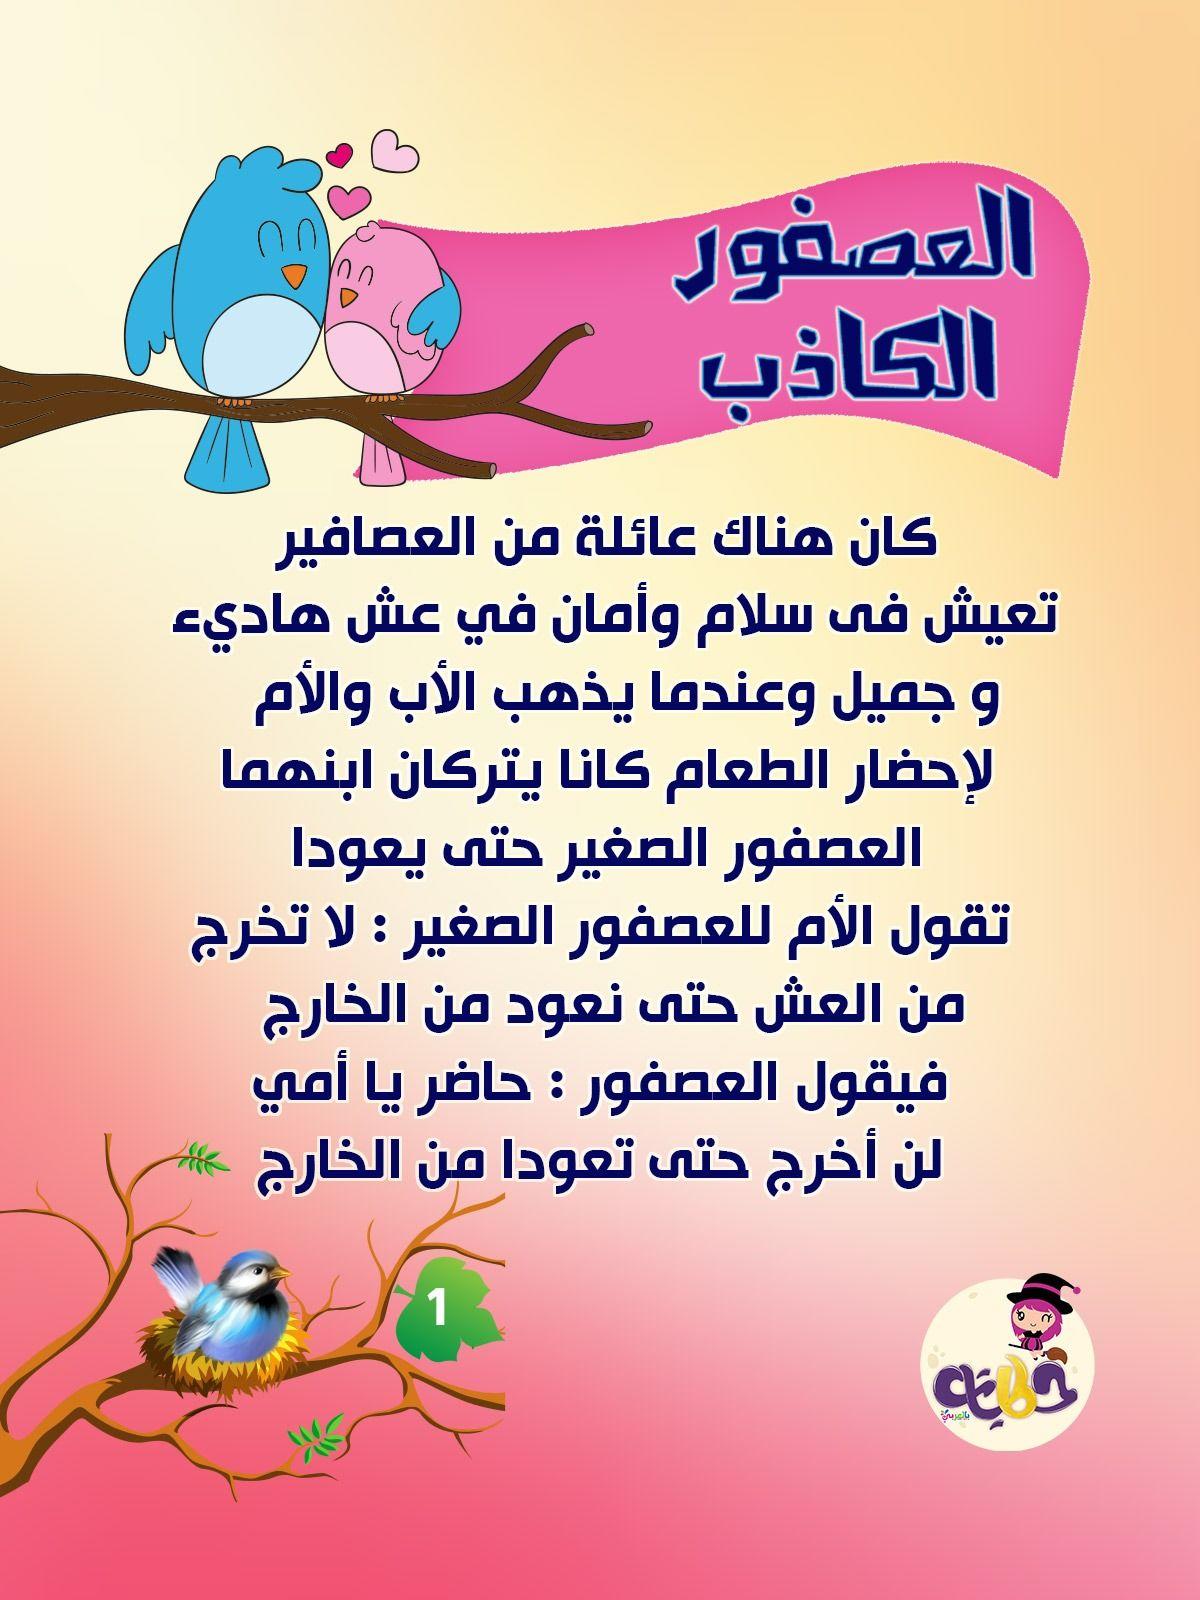 قصة العصفور الكاذب لتعليم الطفل الصدق بتطبيق حكايات بالعربي قصص اطفال هادفة In 2021 Fictional Characters Character Olia